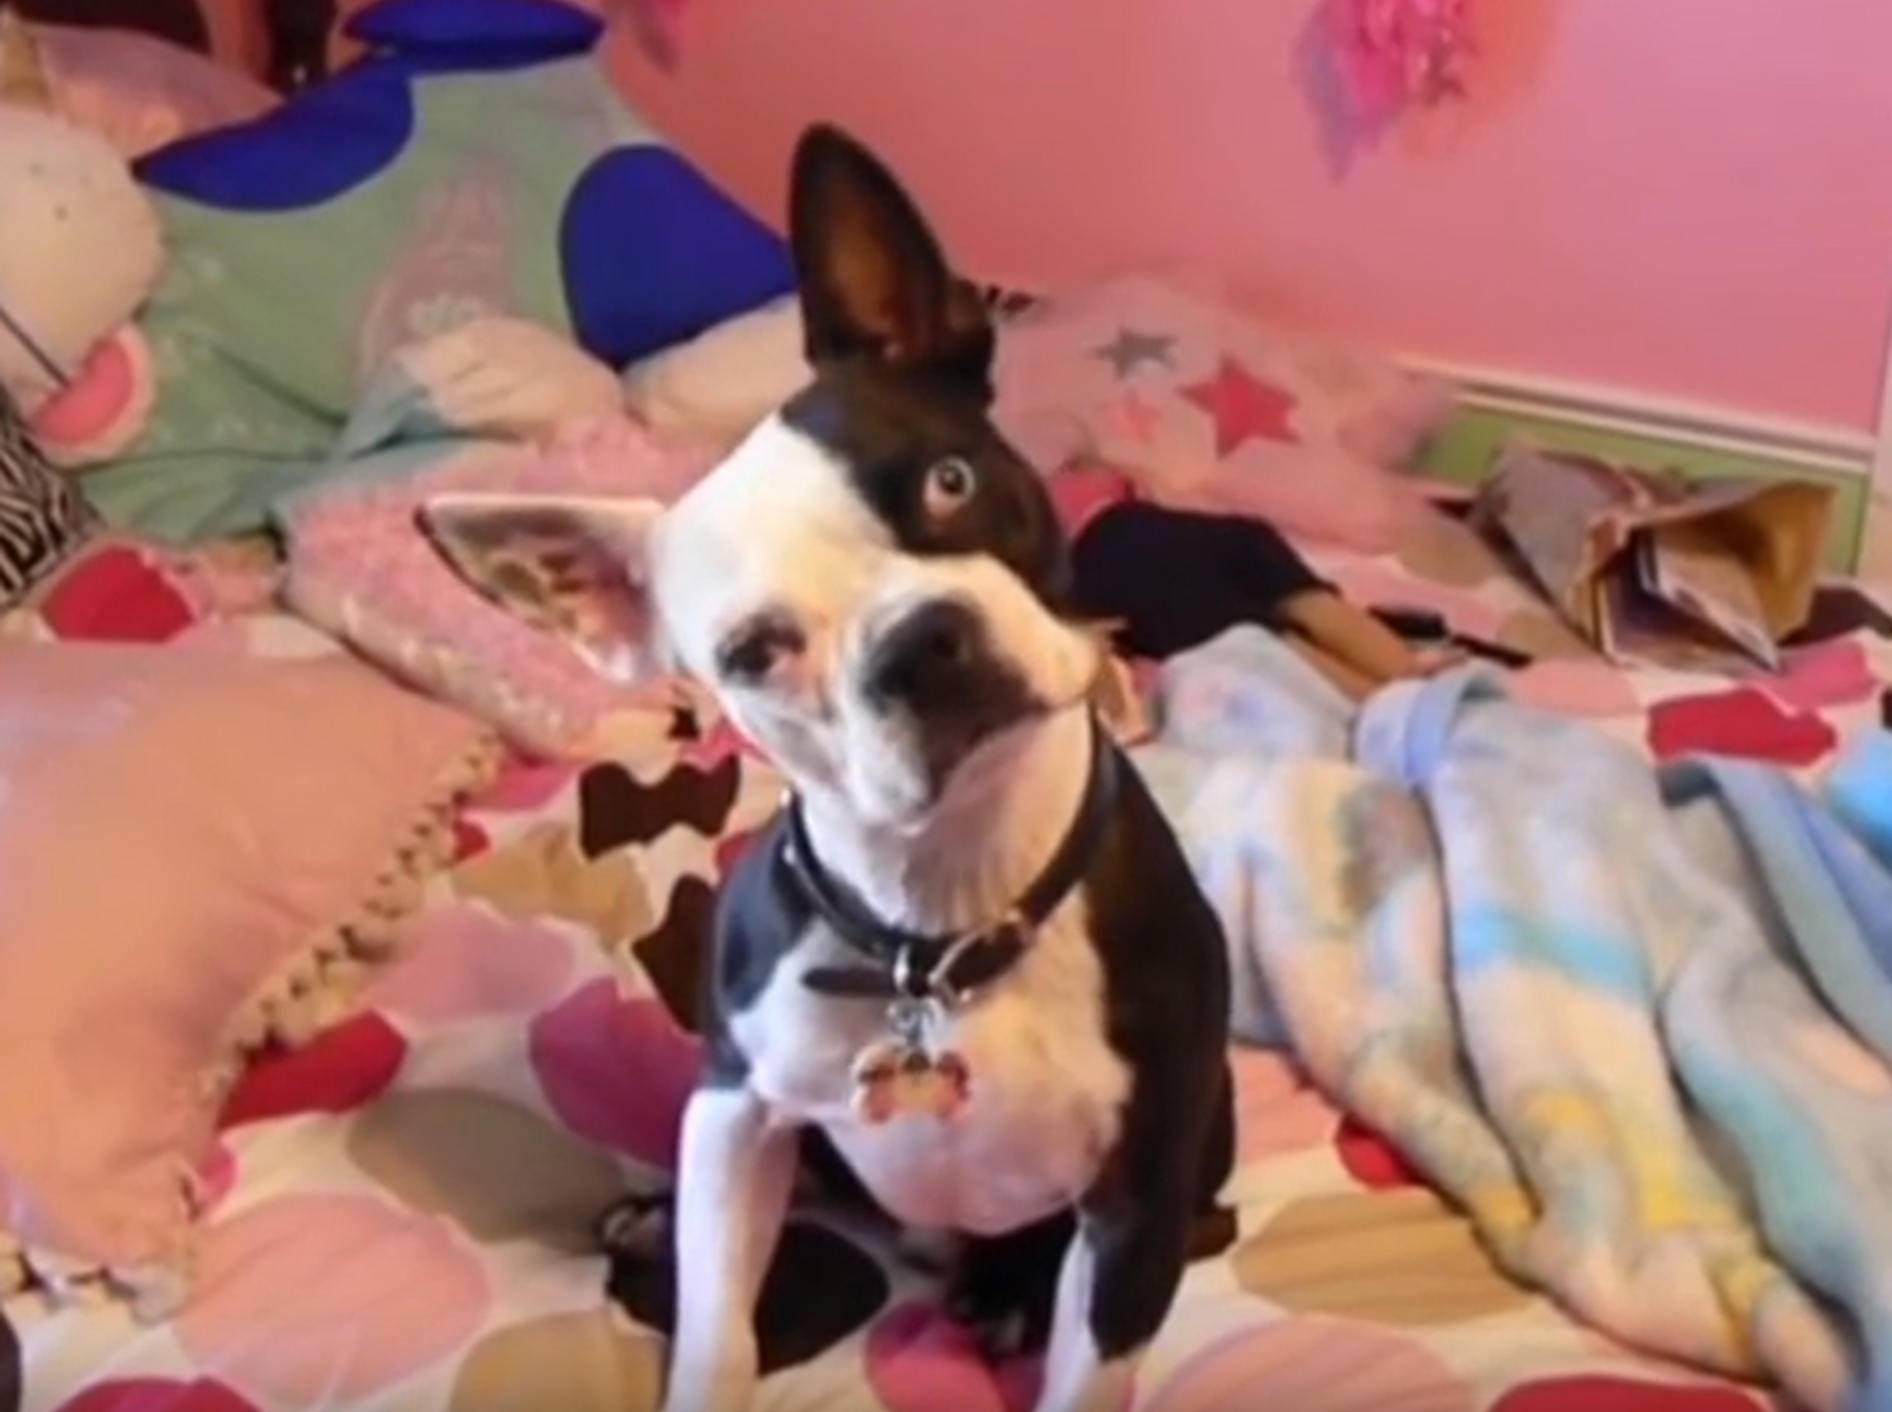 Süße französische Bulldogge legt den Kopf schief – YouTube / Kyoot Animals